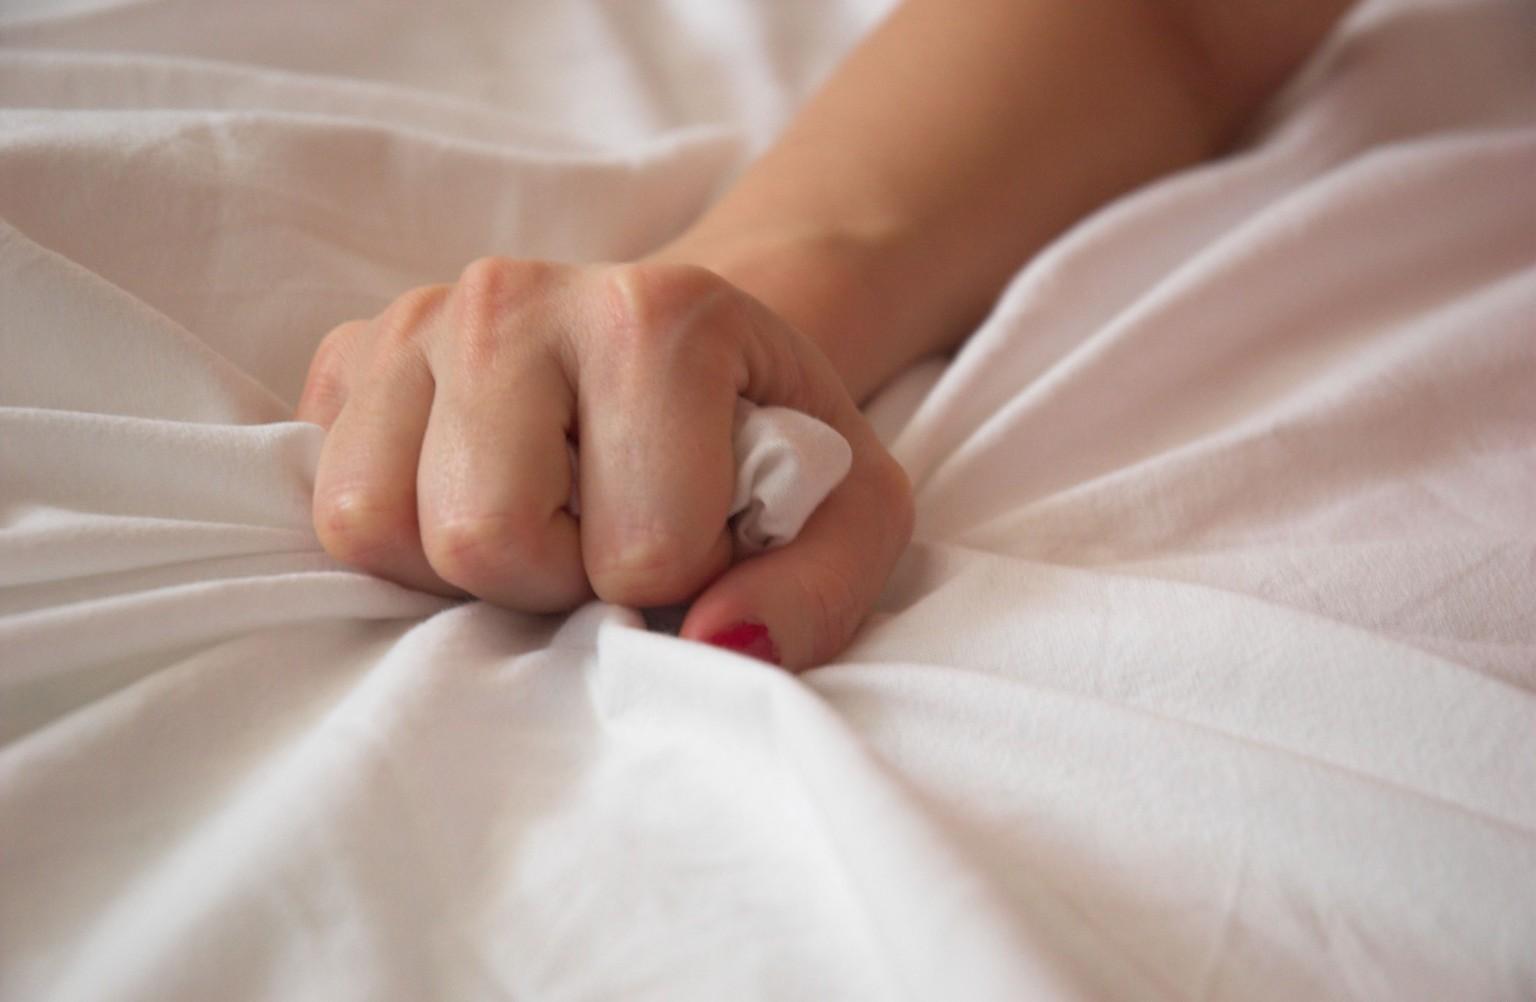 Биткоин и секс-игрушки. Как криптовалюты могут влиять на ваш оргазм